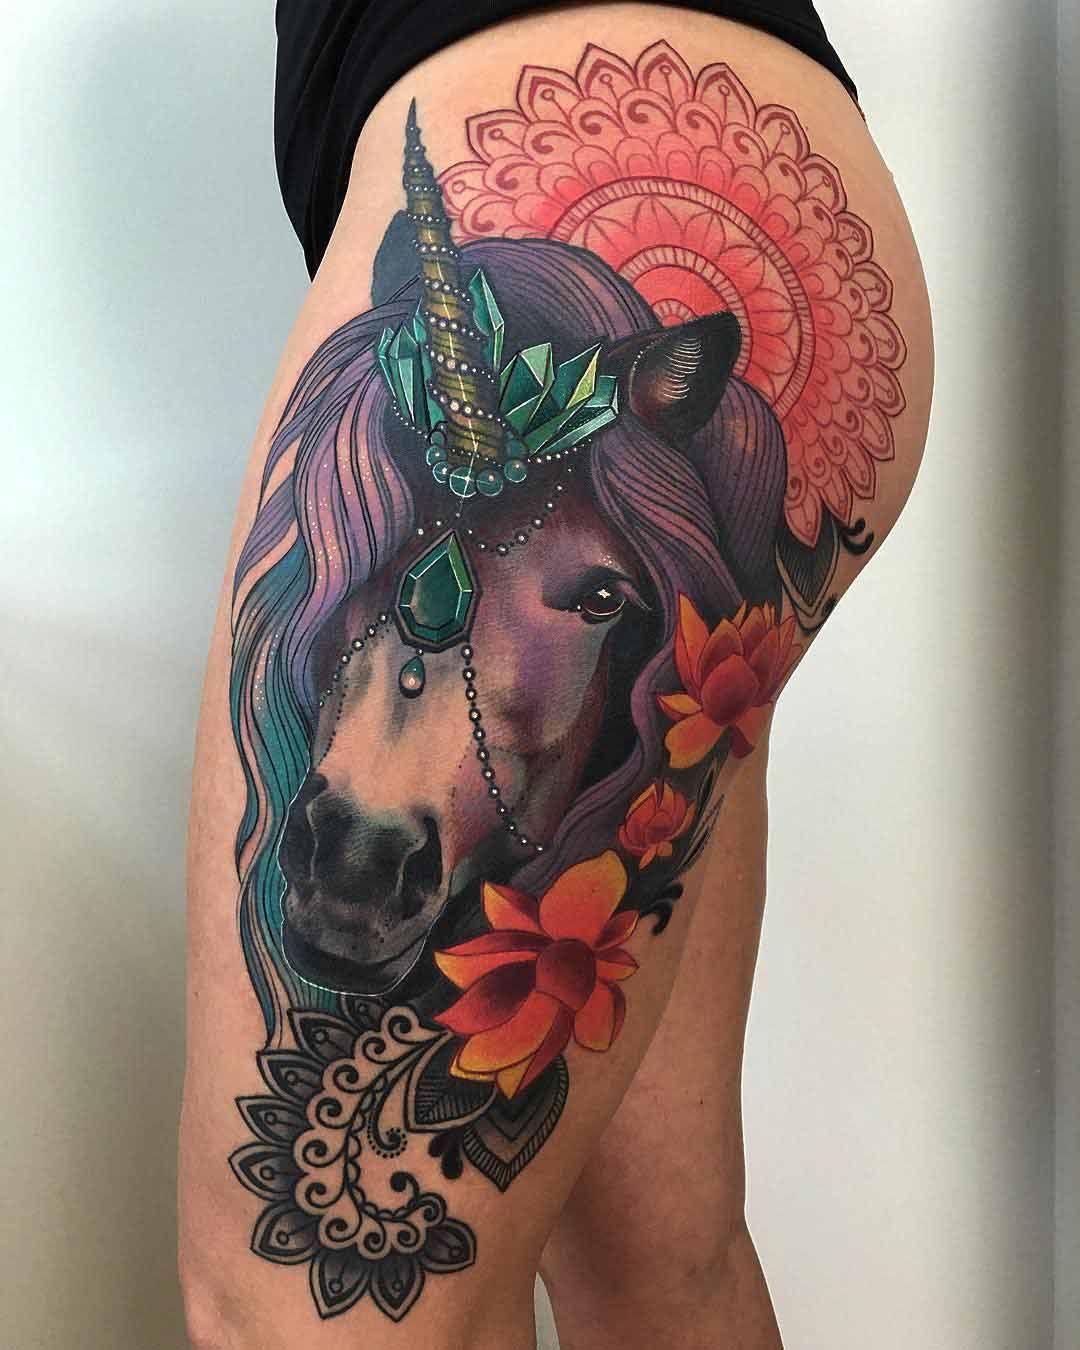 Unicorn Tattoo Best Tattoo Ideas Gallery Unicorn Tattoo Designs Thigh Tattoos Women Unicorn Tattoos